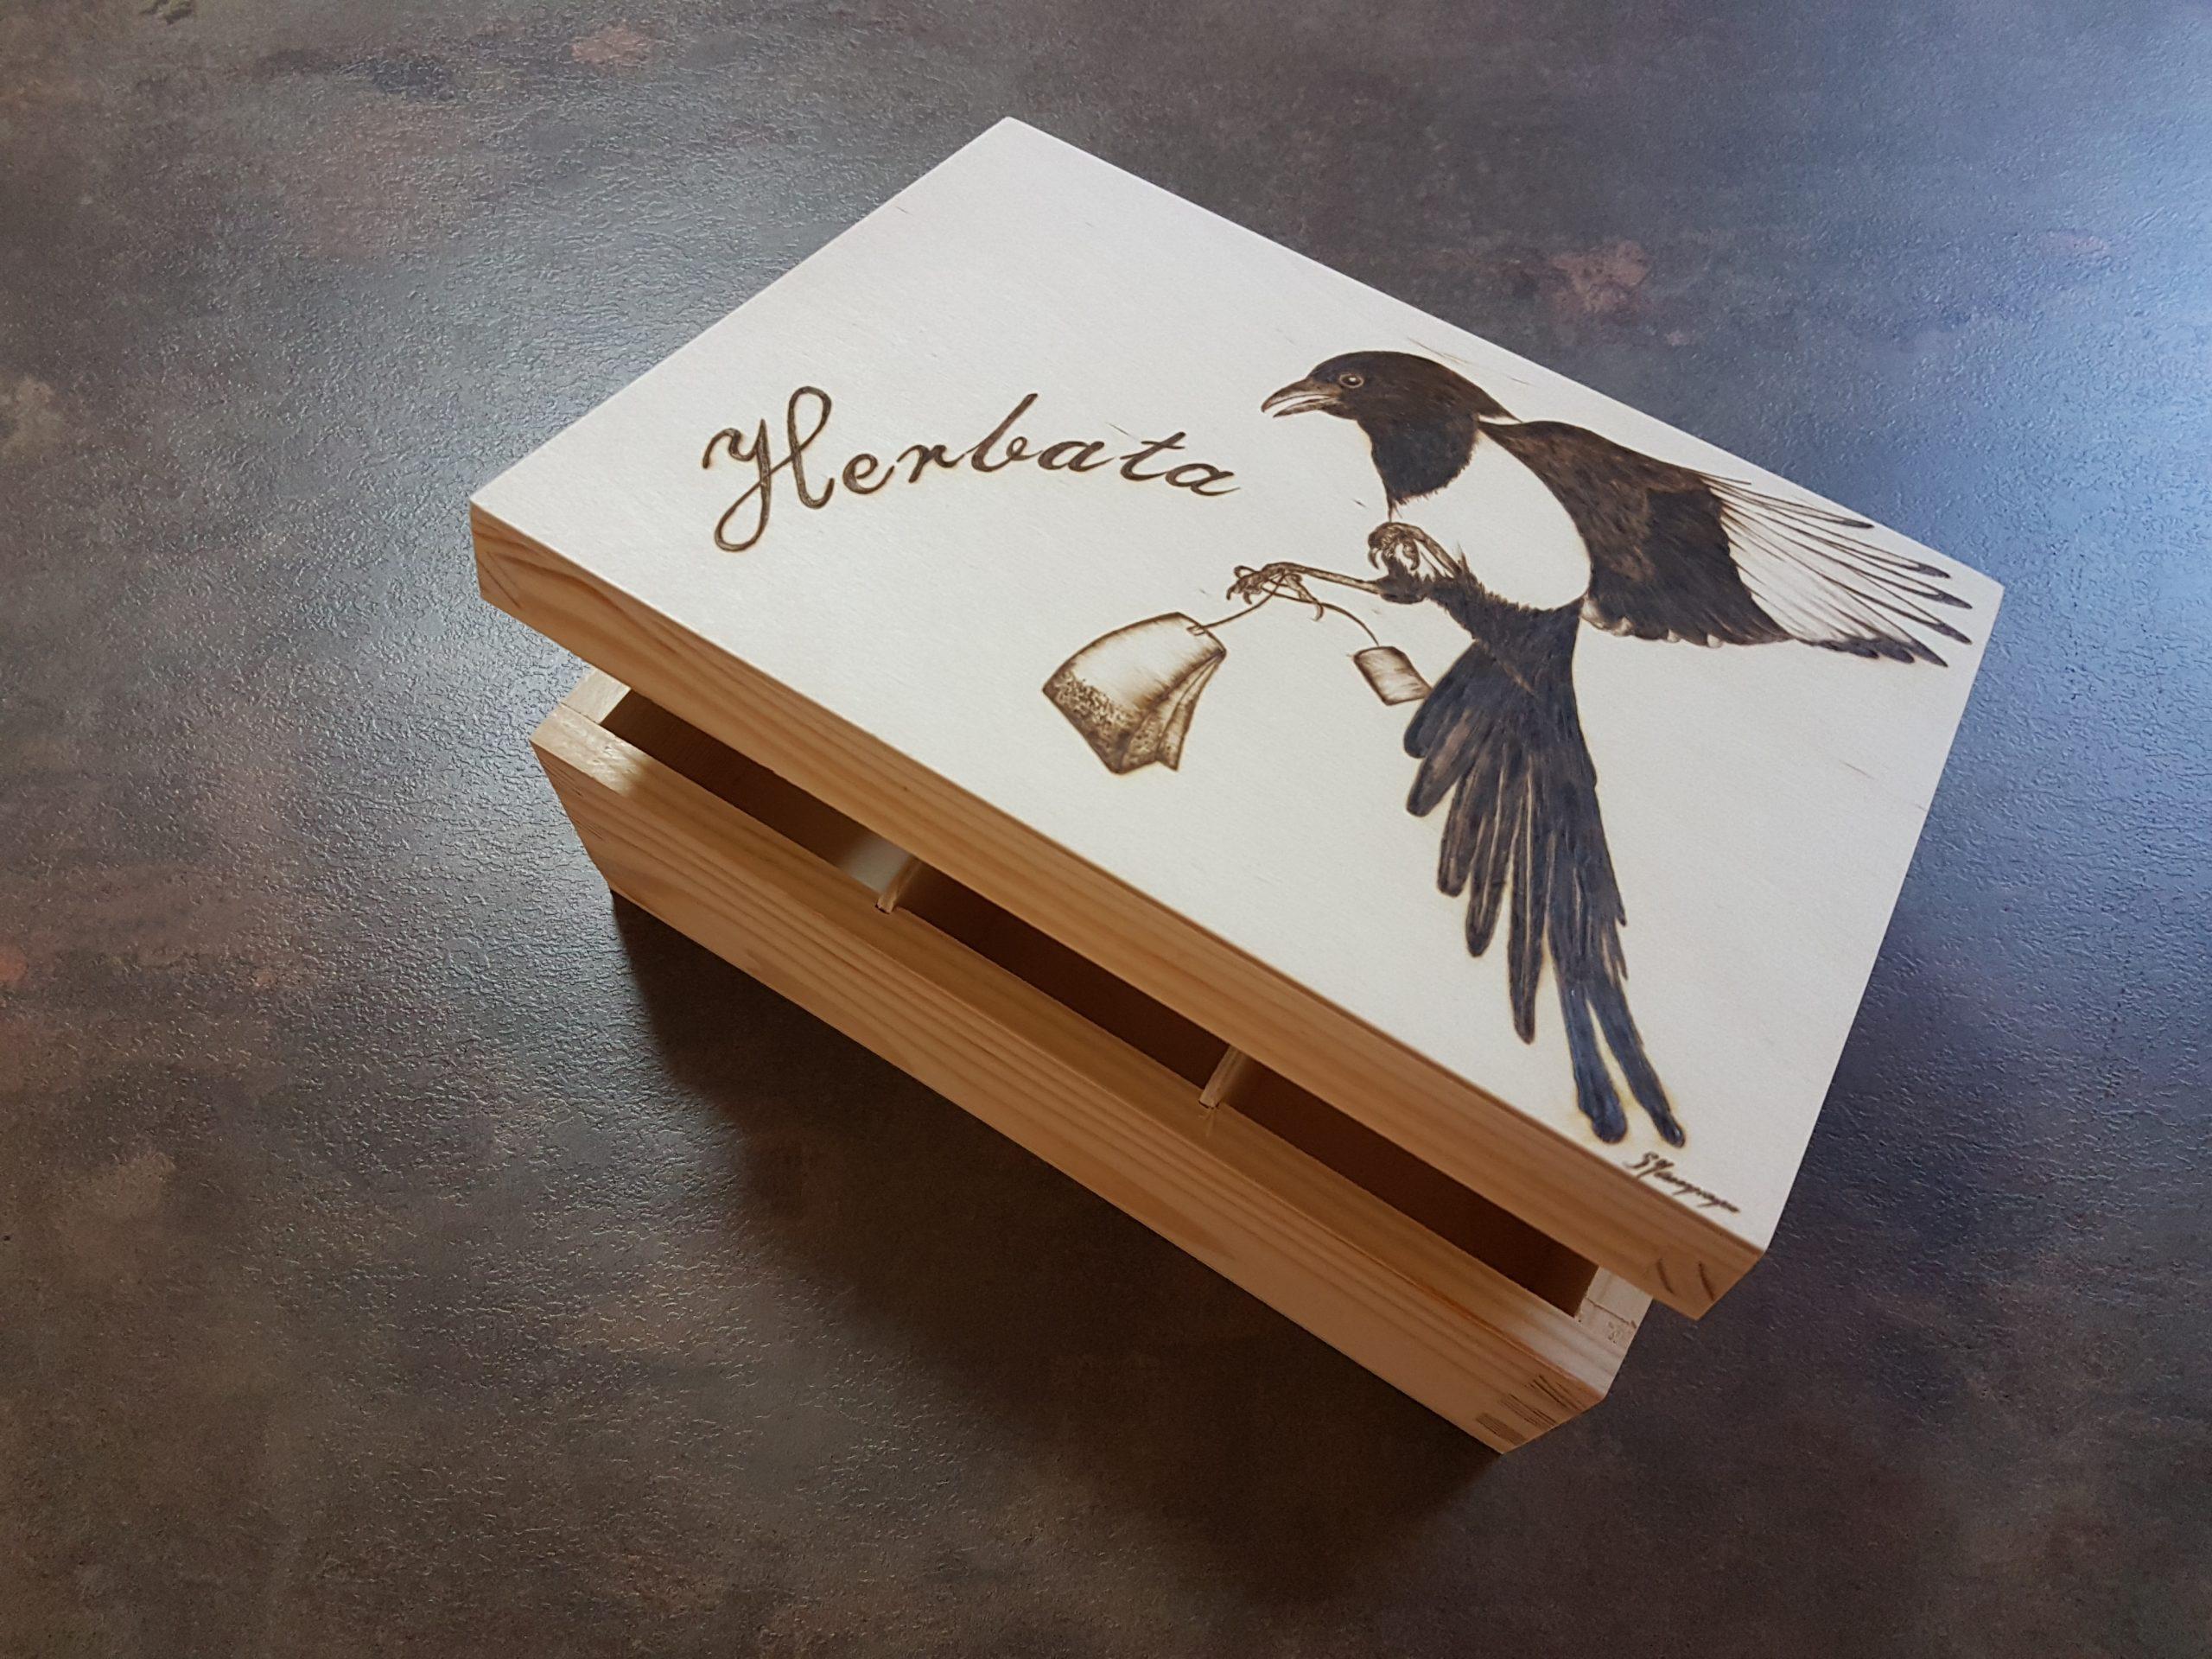 wypalanie w drewnie, sylwia, pirografia, janczyszyn, pyrography, handmade, rękodzieło, pomysł na prezent, pudełko na herbatę